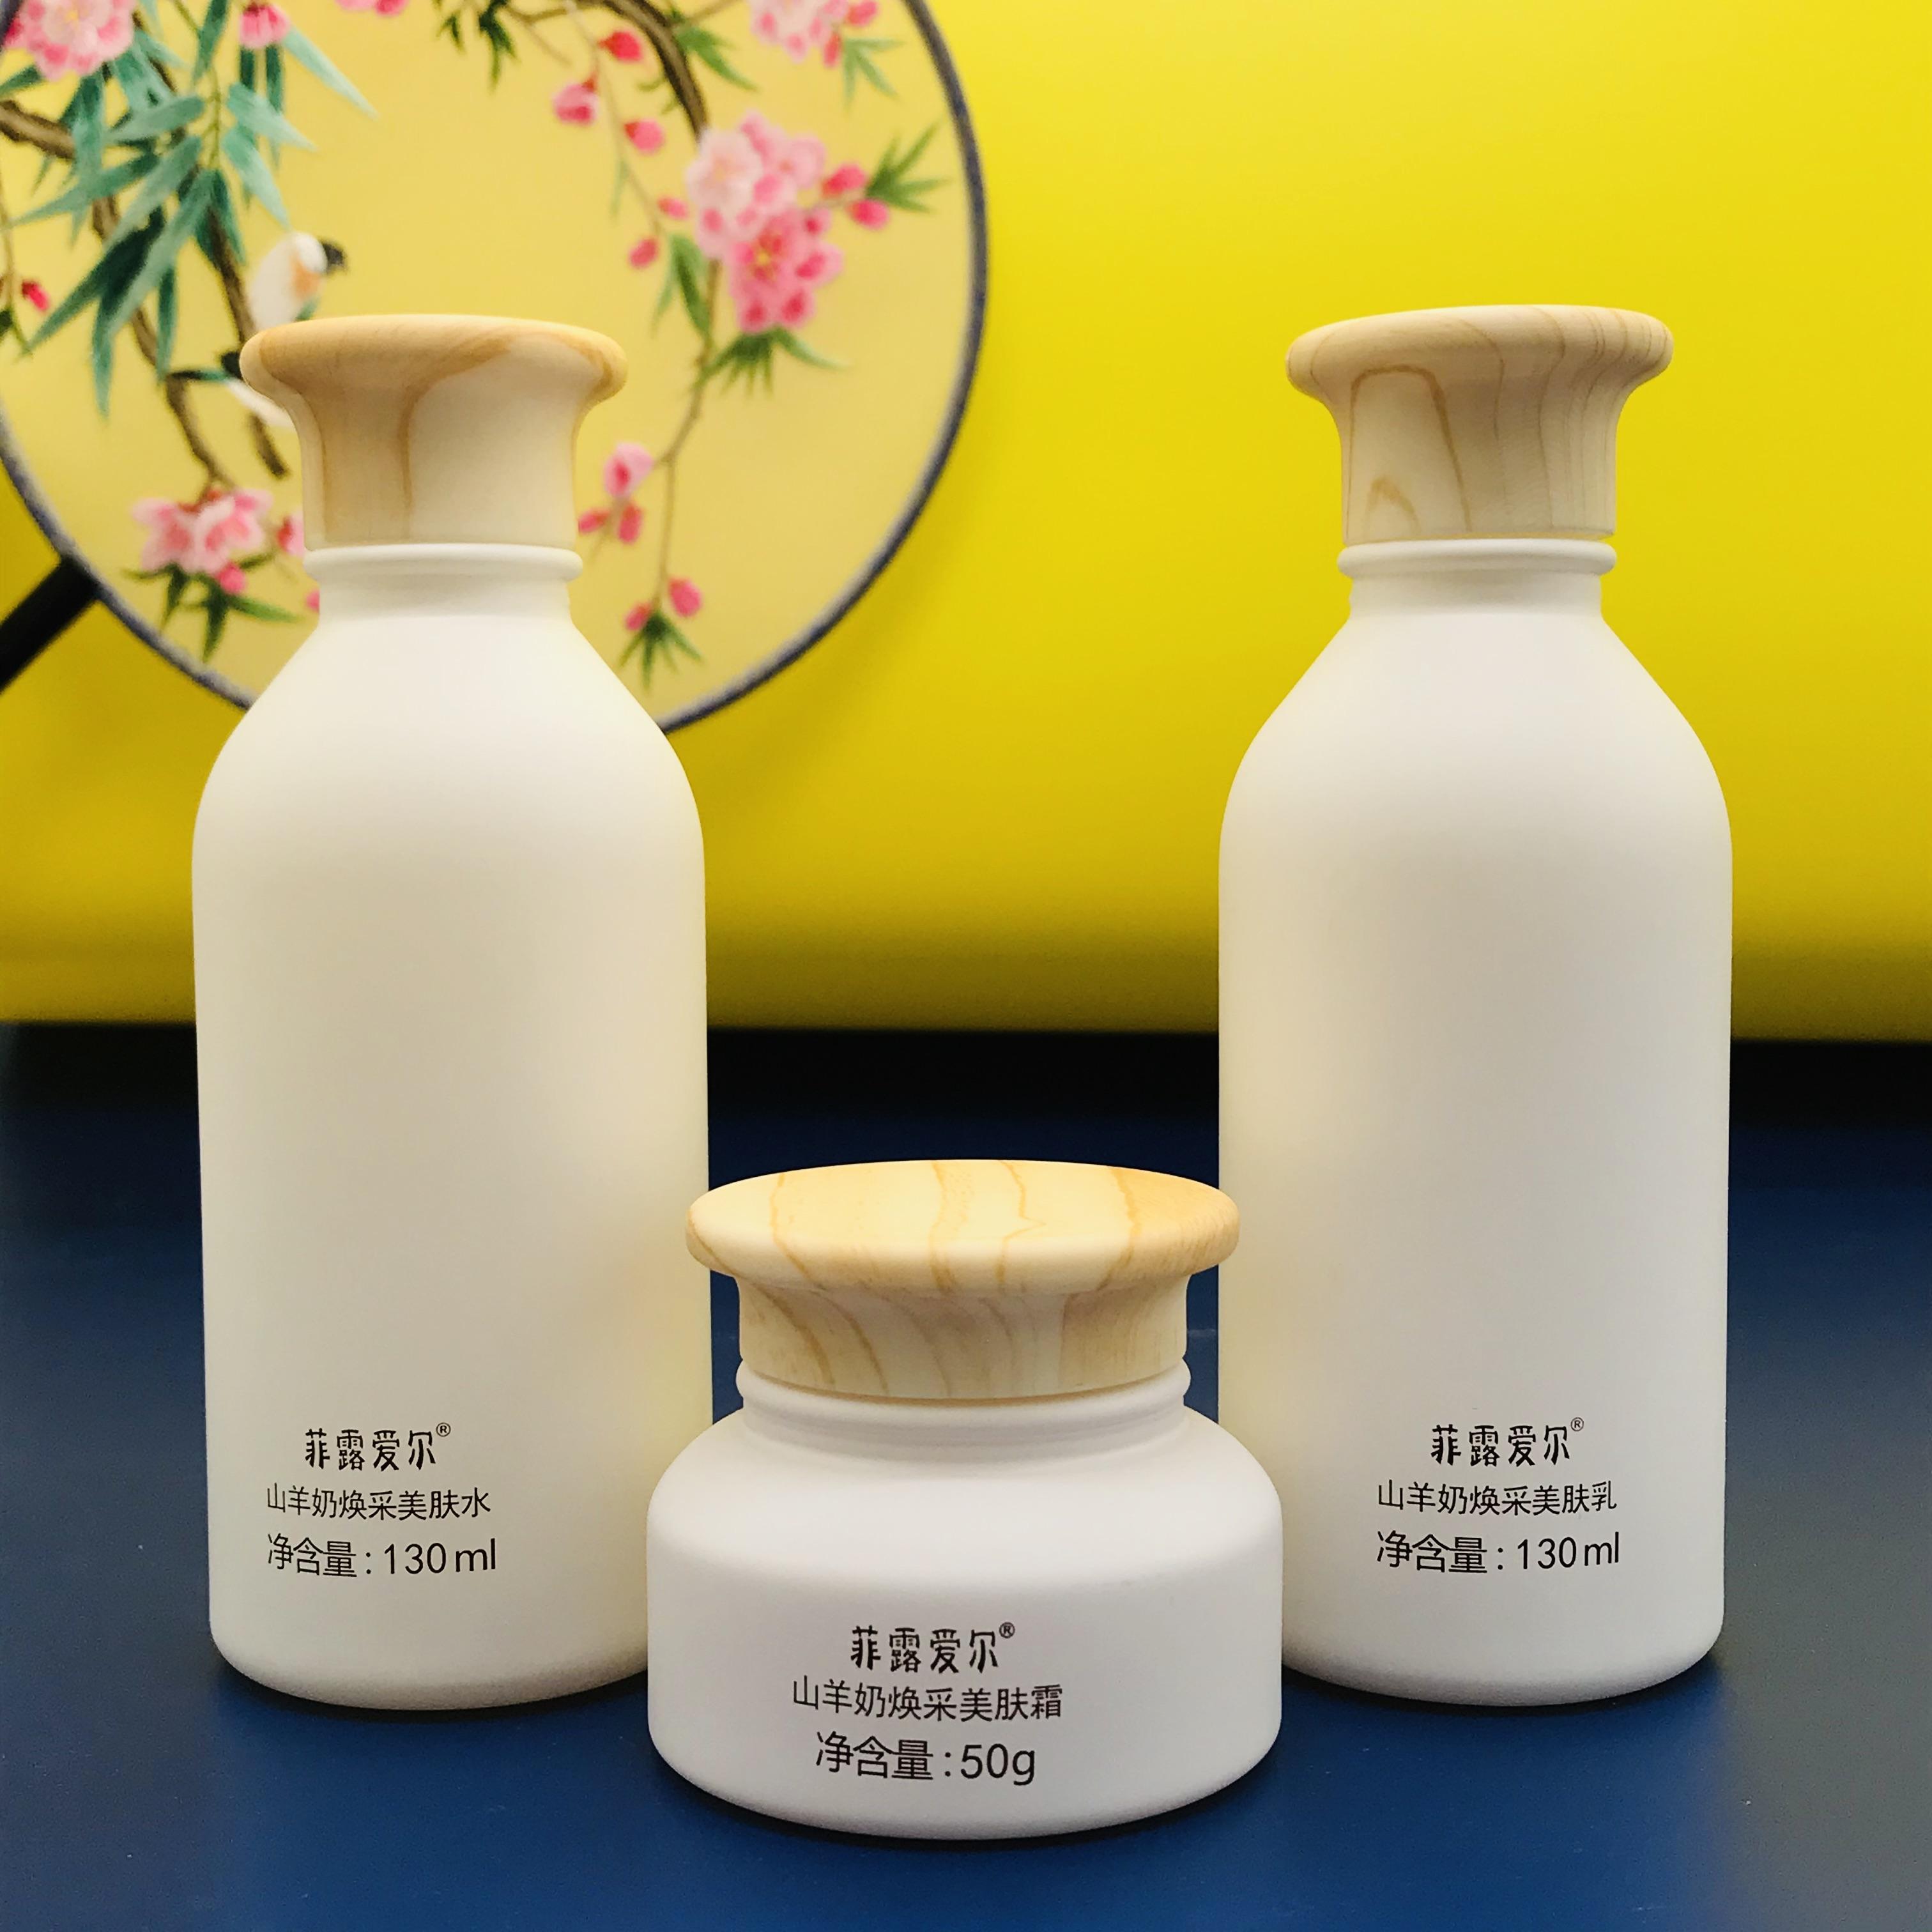 益盛汉参化妆品 专柜正品菲露爱尔山羊奶焕采3件组合奢莲化妆品